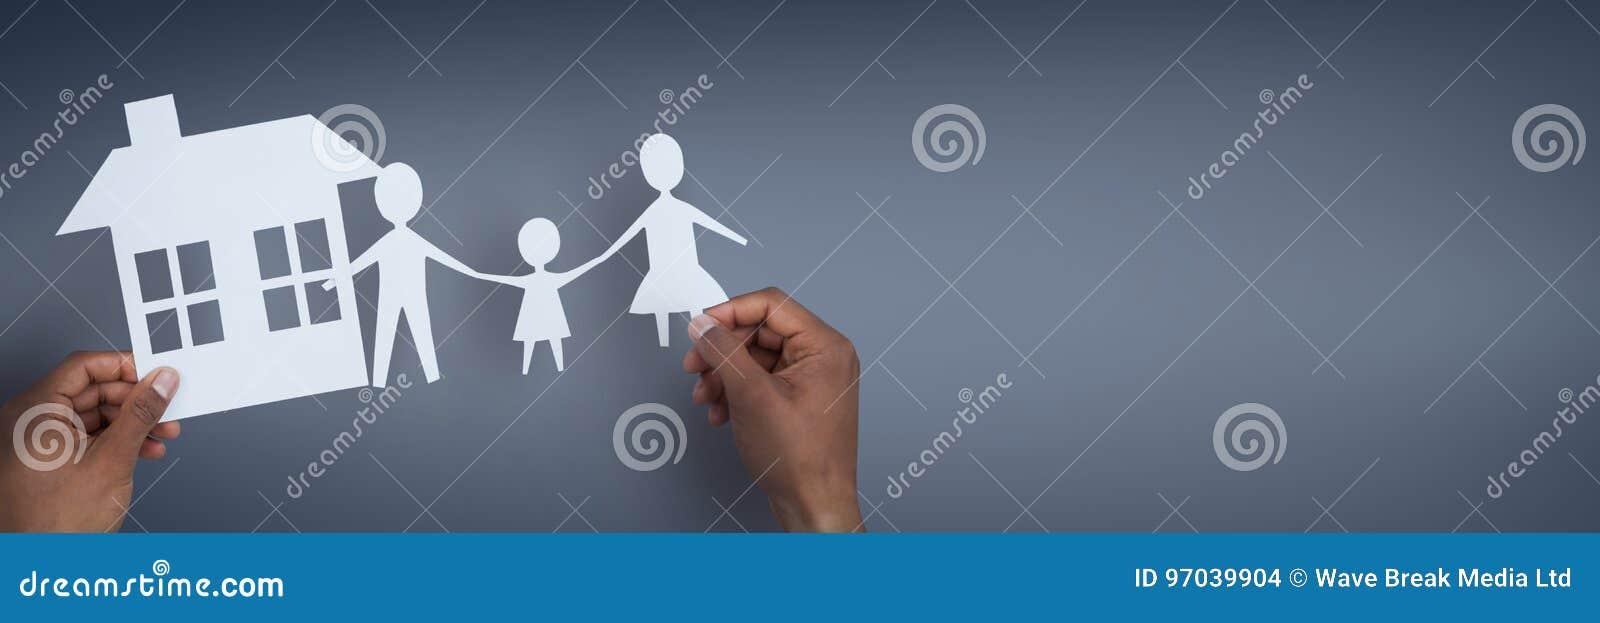 Руки держа бумажные диаграммы против голубой предпосылки как концепция страхования дома и семьи